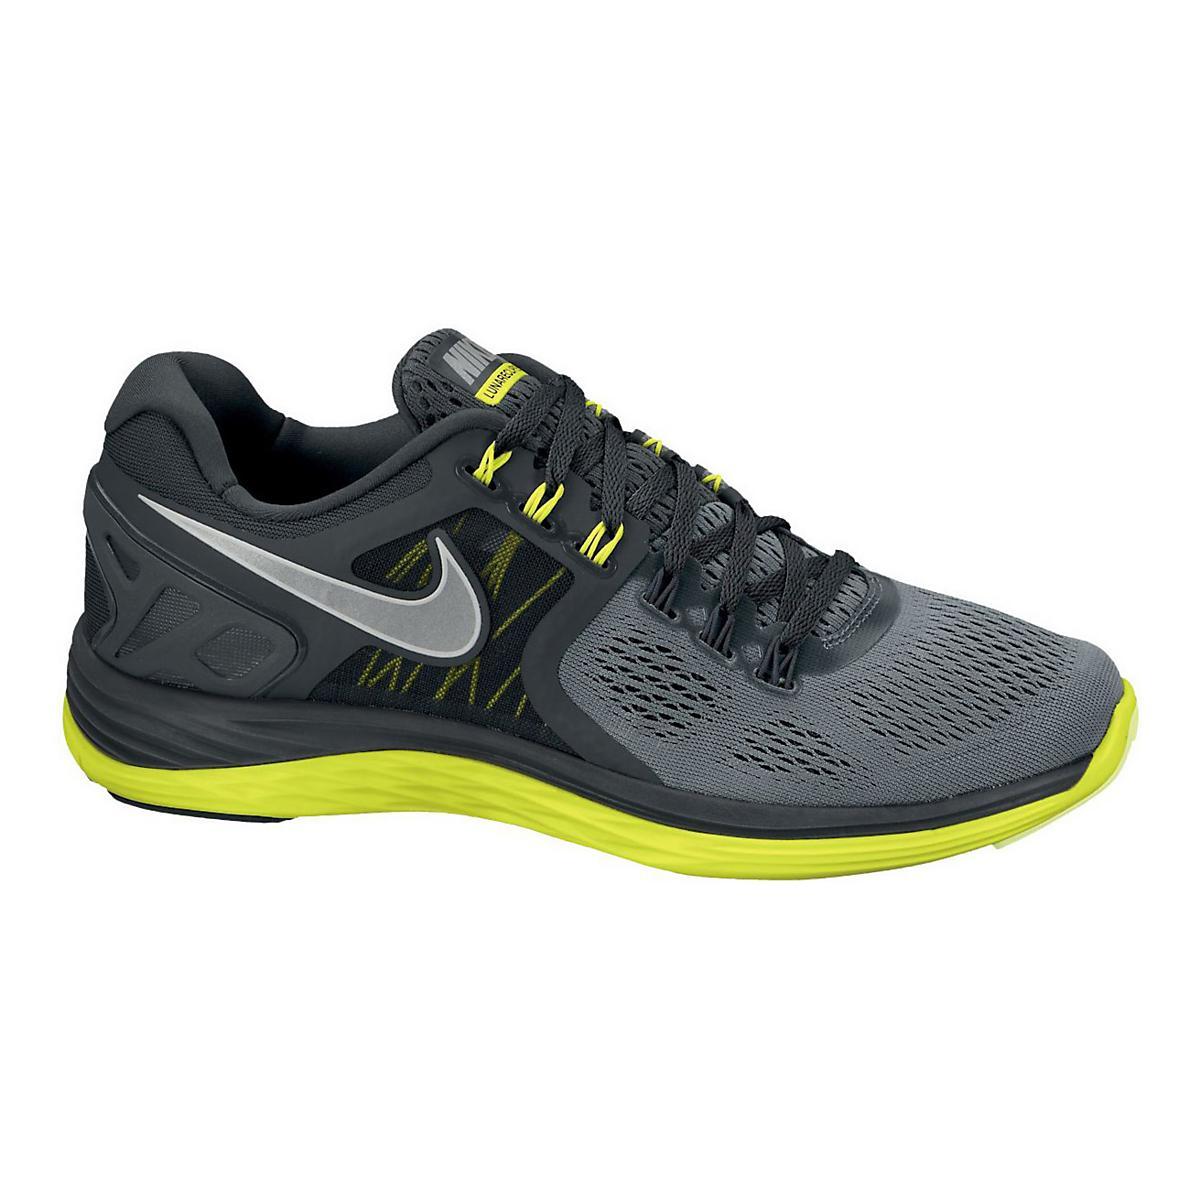 online retailer e7695 8a7e4 ... sale mens nike lunareclipse 4 running shoe at road runner sports d63a4  4e1a3